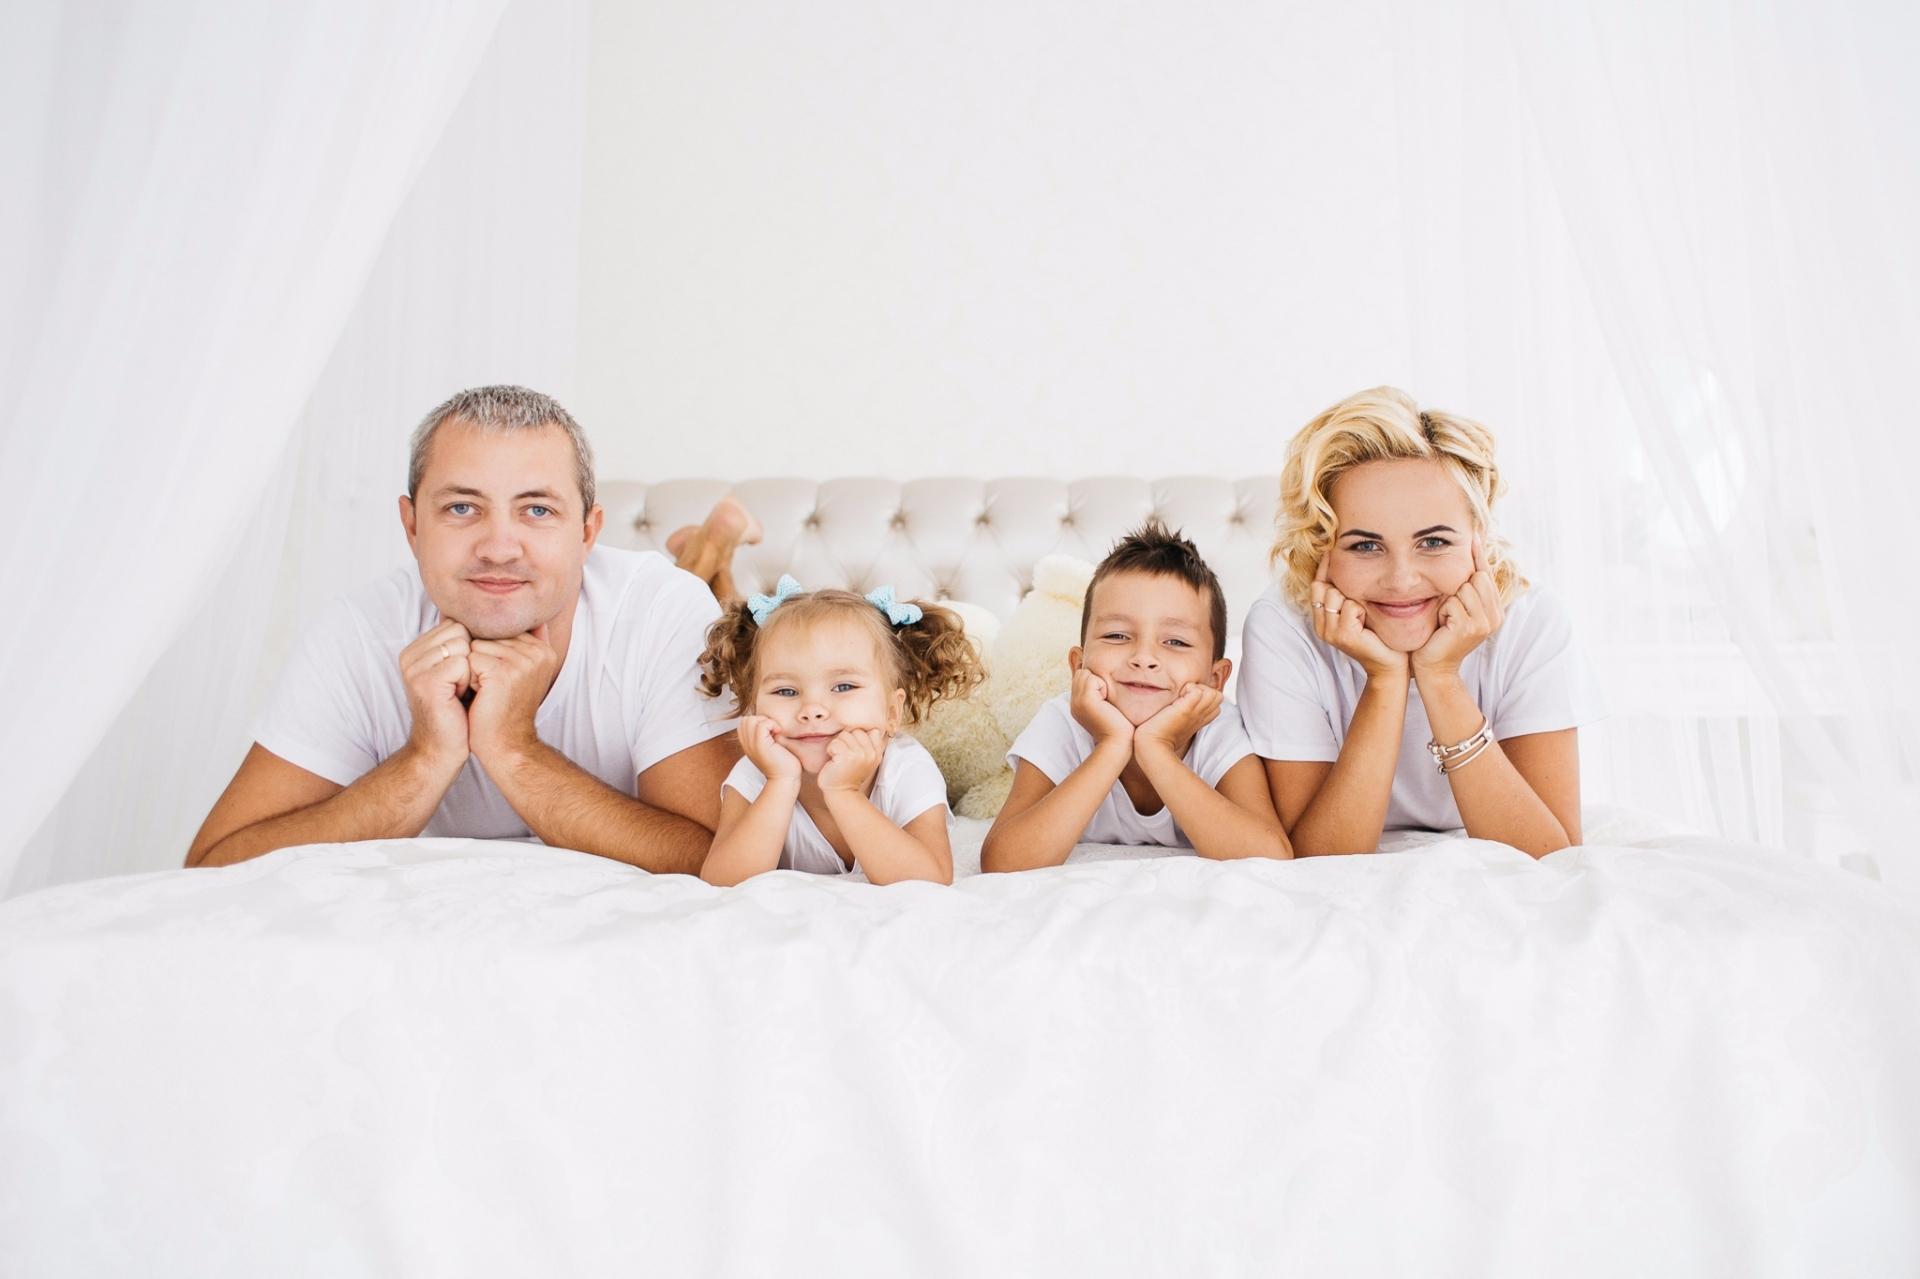 наклейки малыш идеи для фотосессии семьи с двумя детьми жаманы